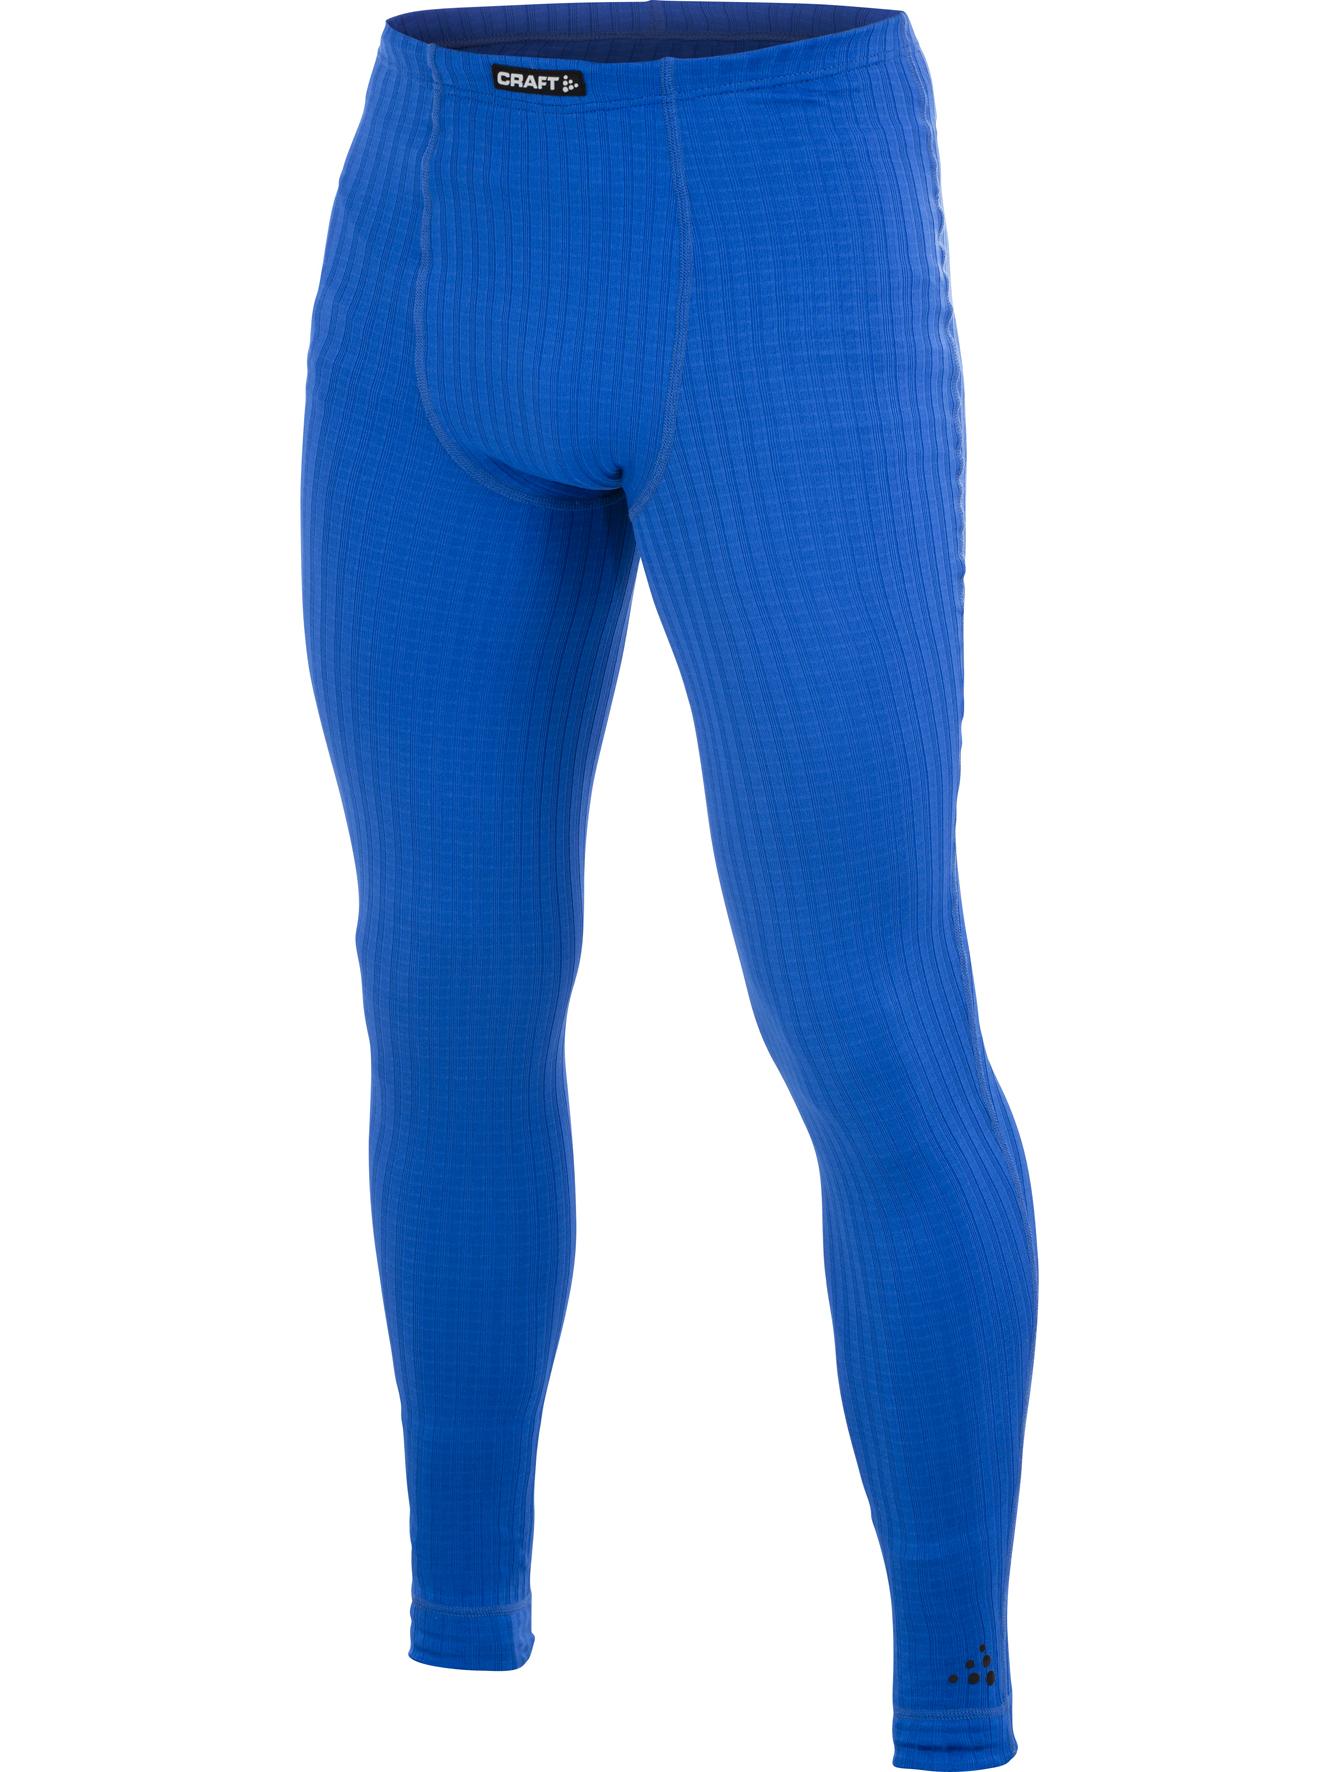 Мужское термобелье рейтузы Craft Active Extreme BLUE (190985-1345)